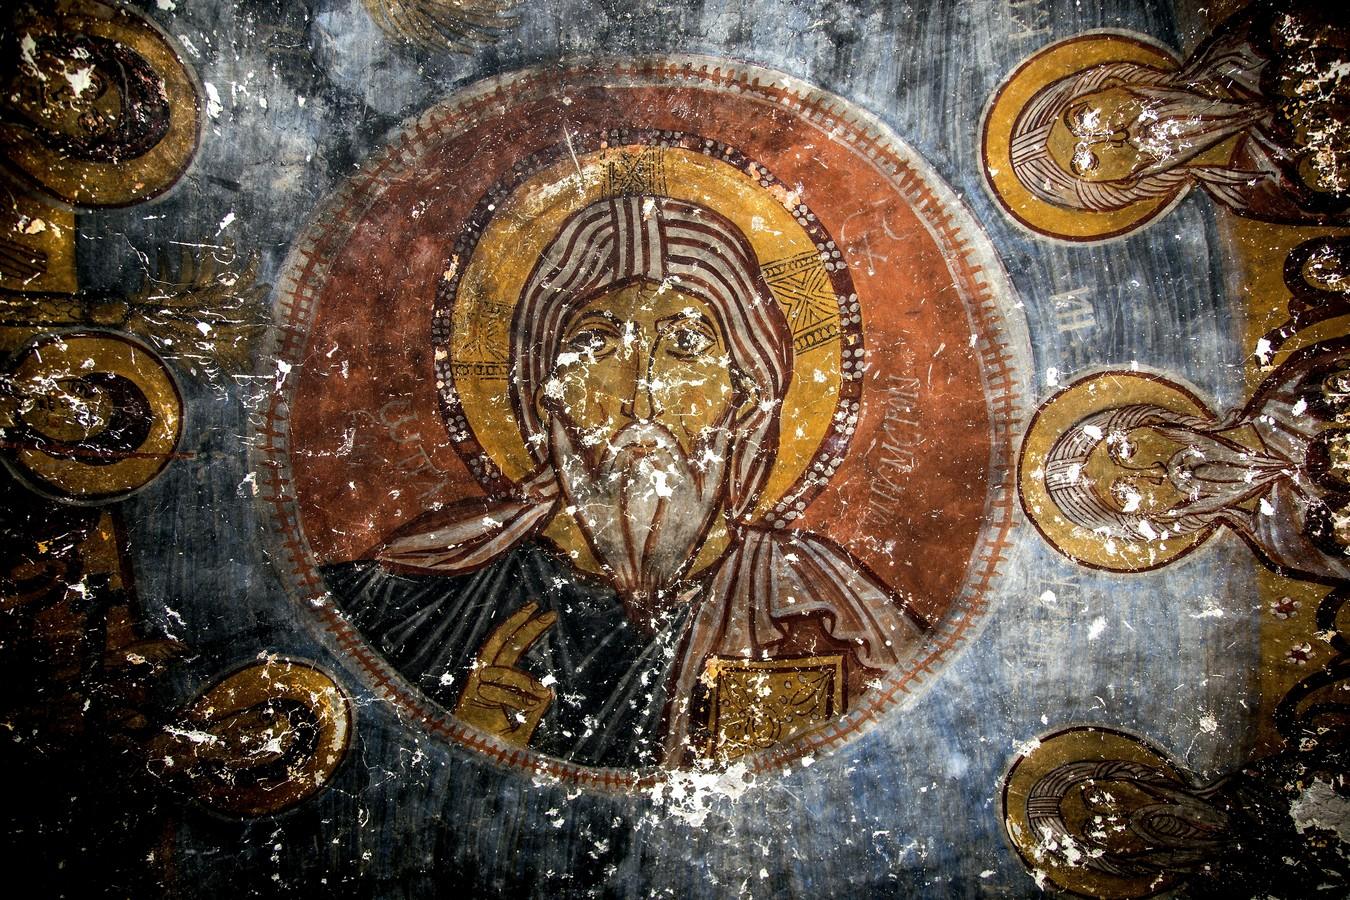 Христос Ветхий денми. Фреска церкви Йиланлы килисе в Соганлы, Каппадокия. Вторая половина XI века.